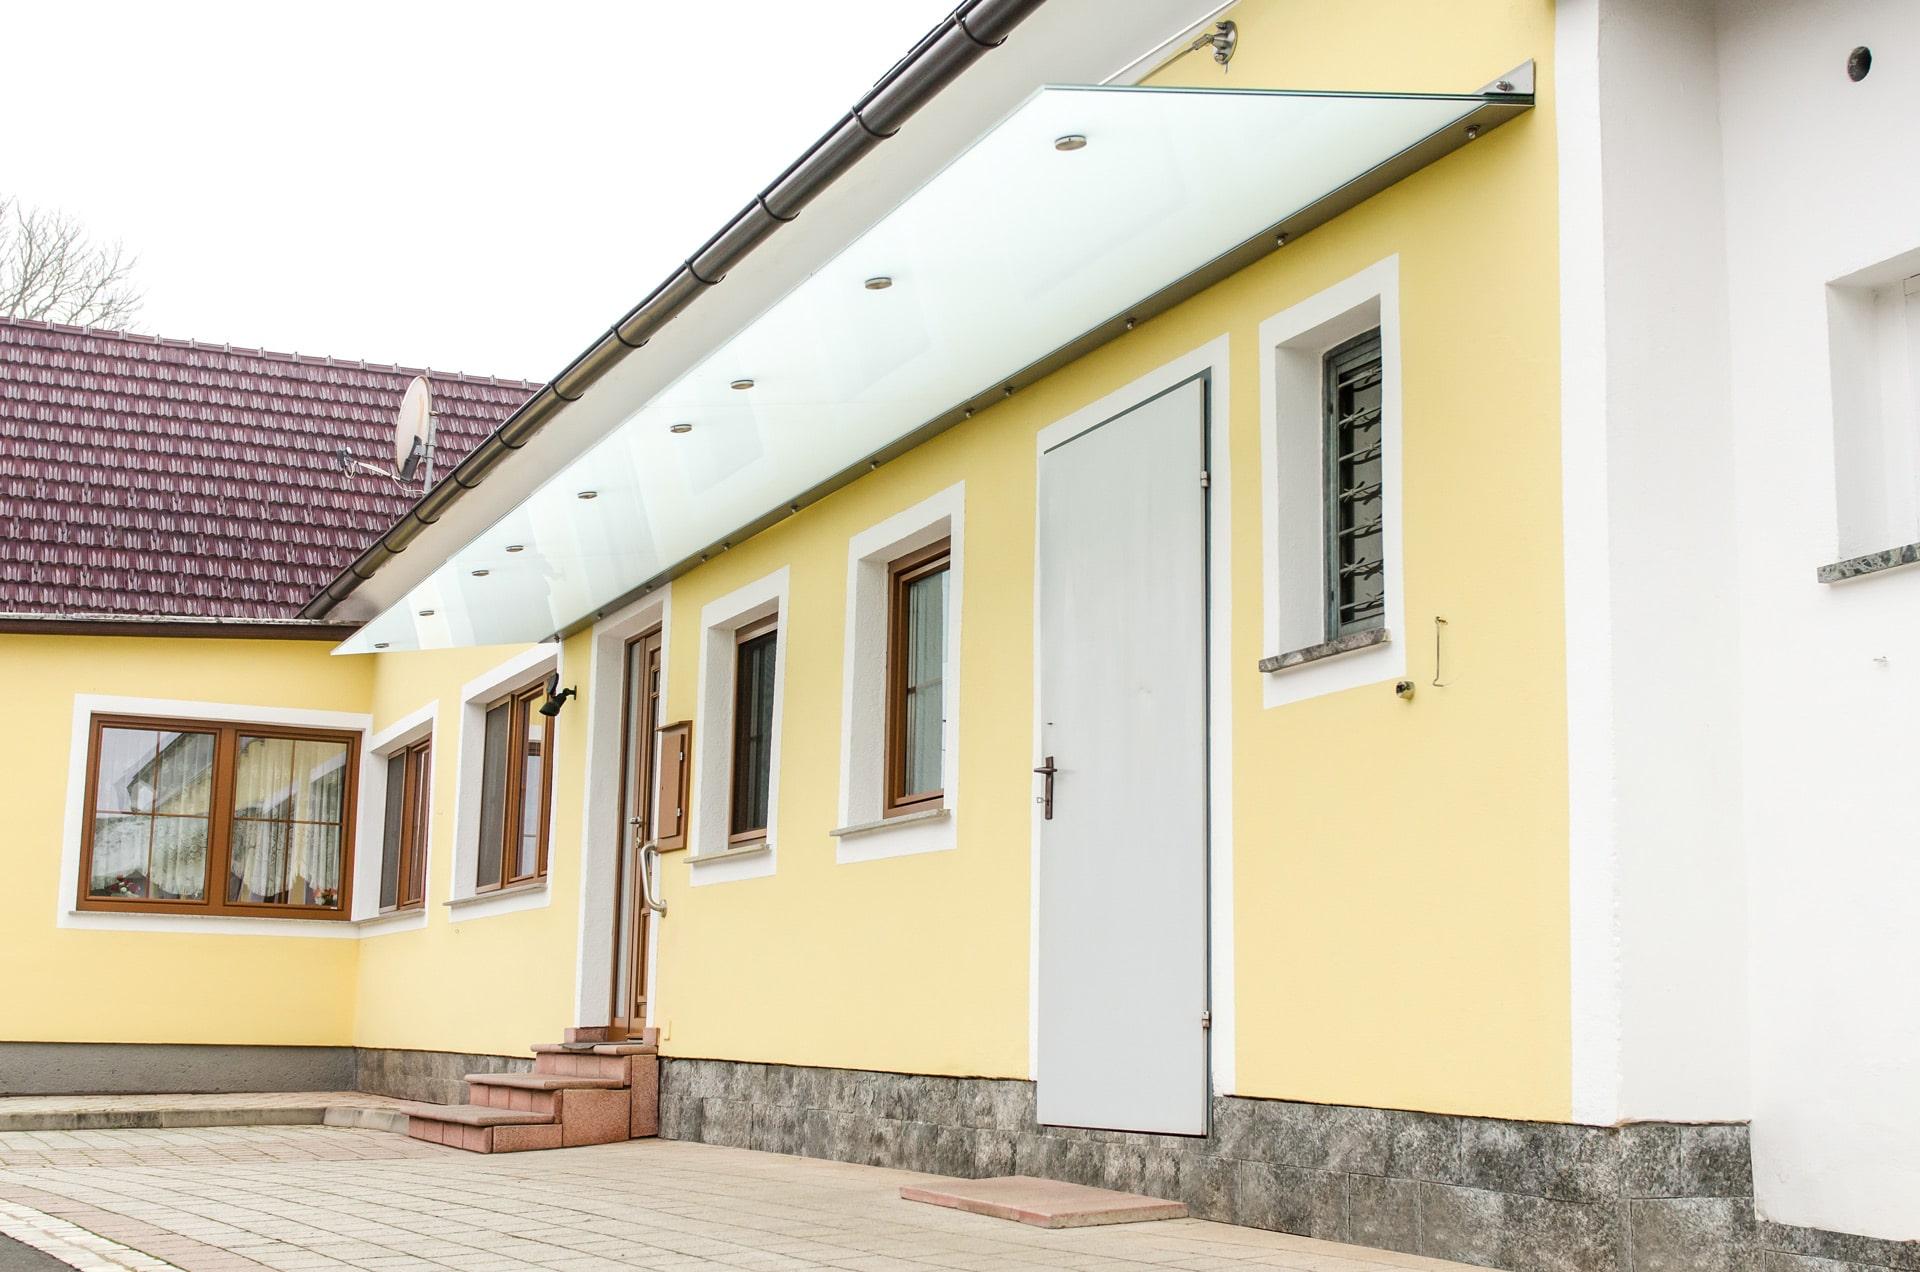 Nurglasvordach 16 a   langes Vordach aus Mattglas ohne Steher bei gelbem Haus   Svoboda Metall